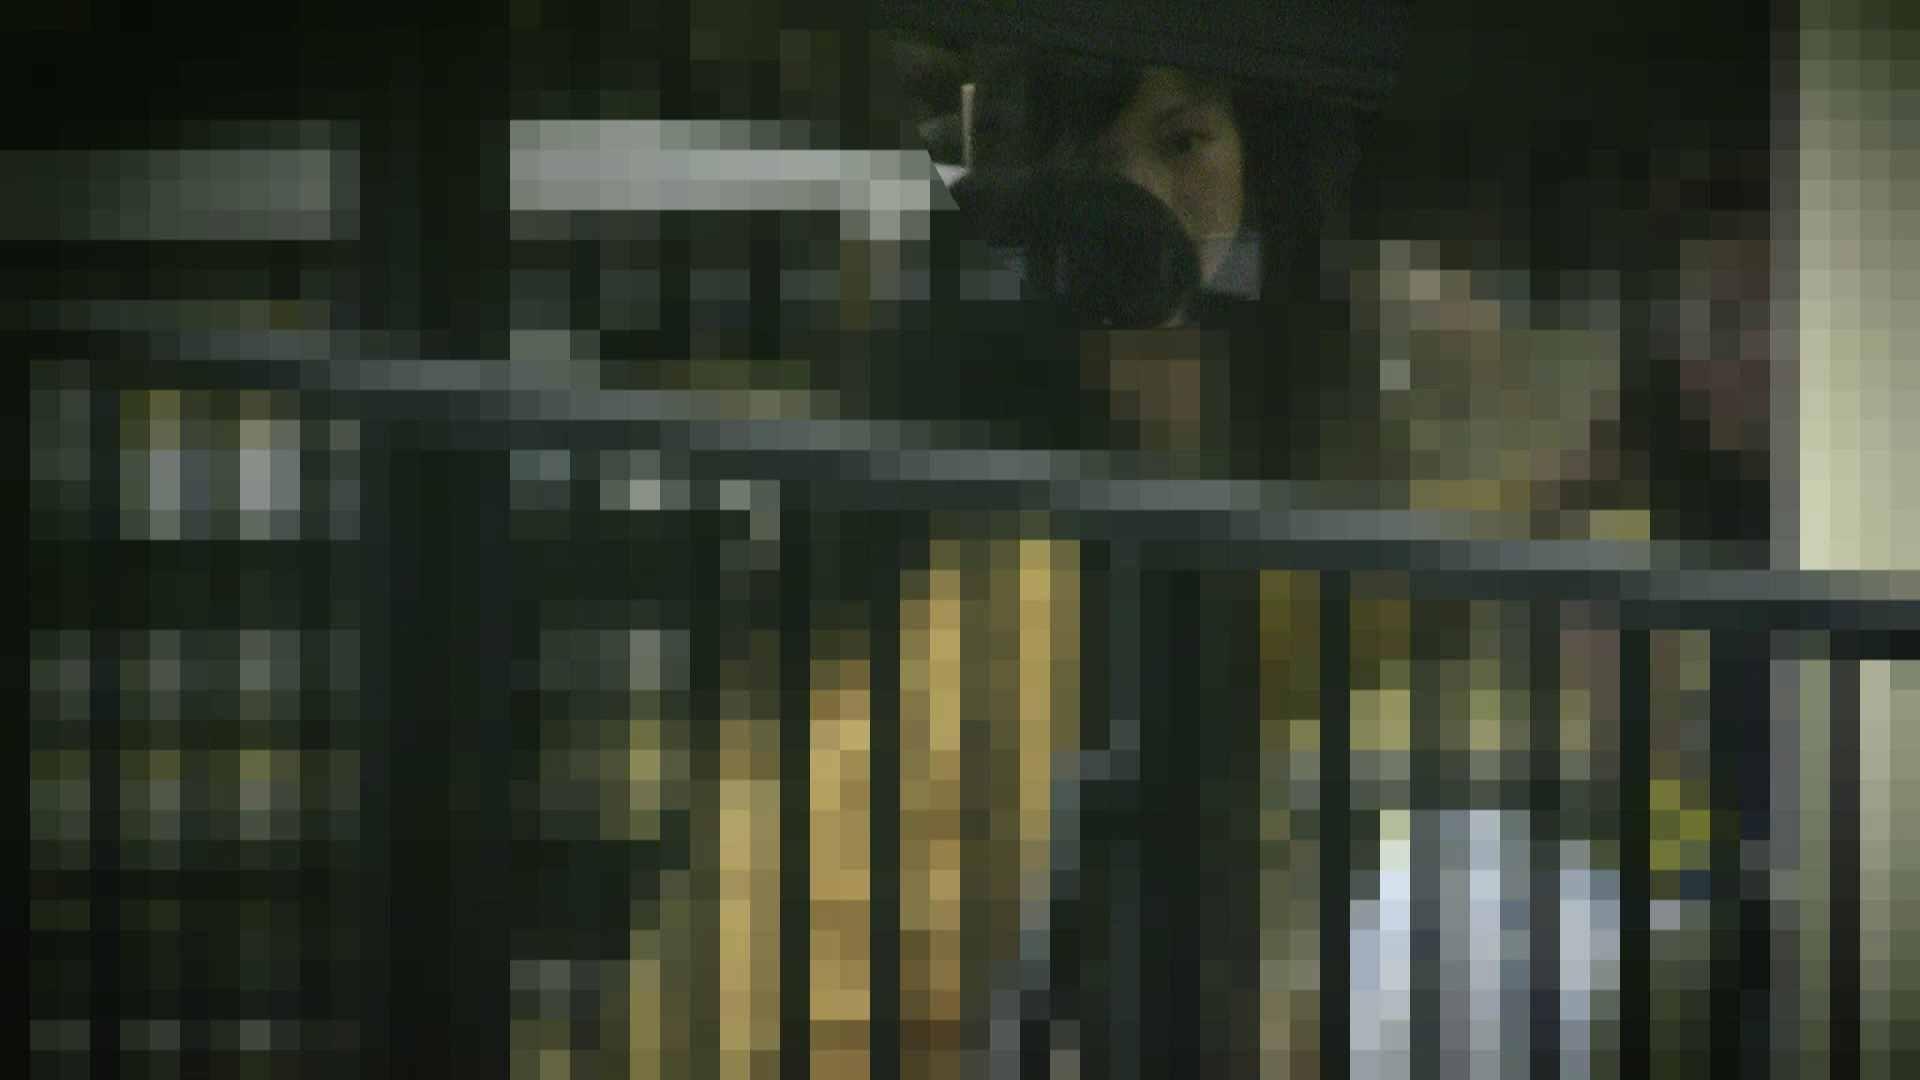 高画質露天女風呂観察 vol.006 露天風呂編 オメコ無修正動画無料 98PIX 68